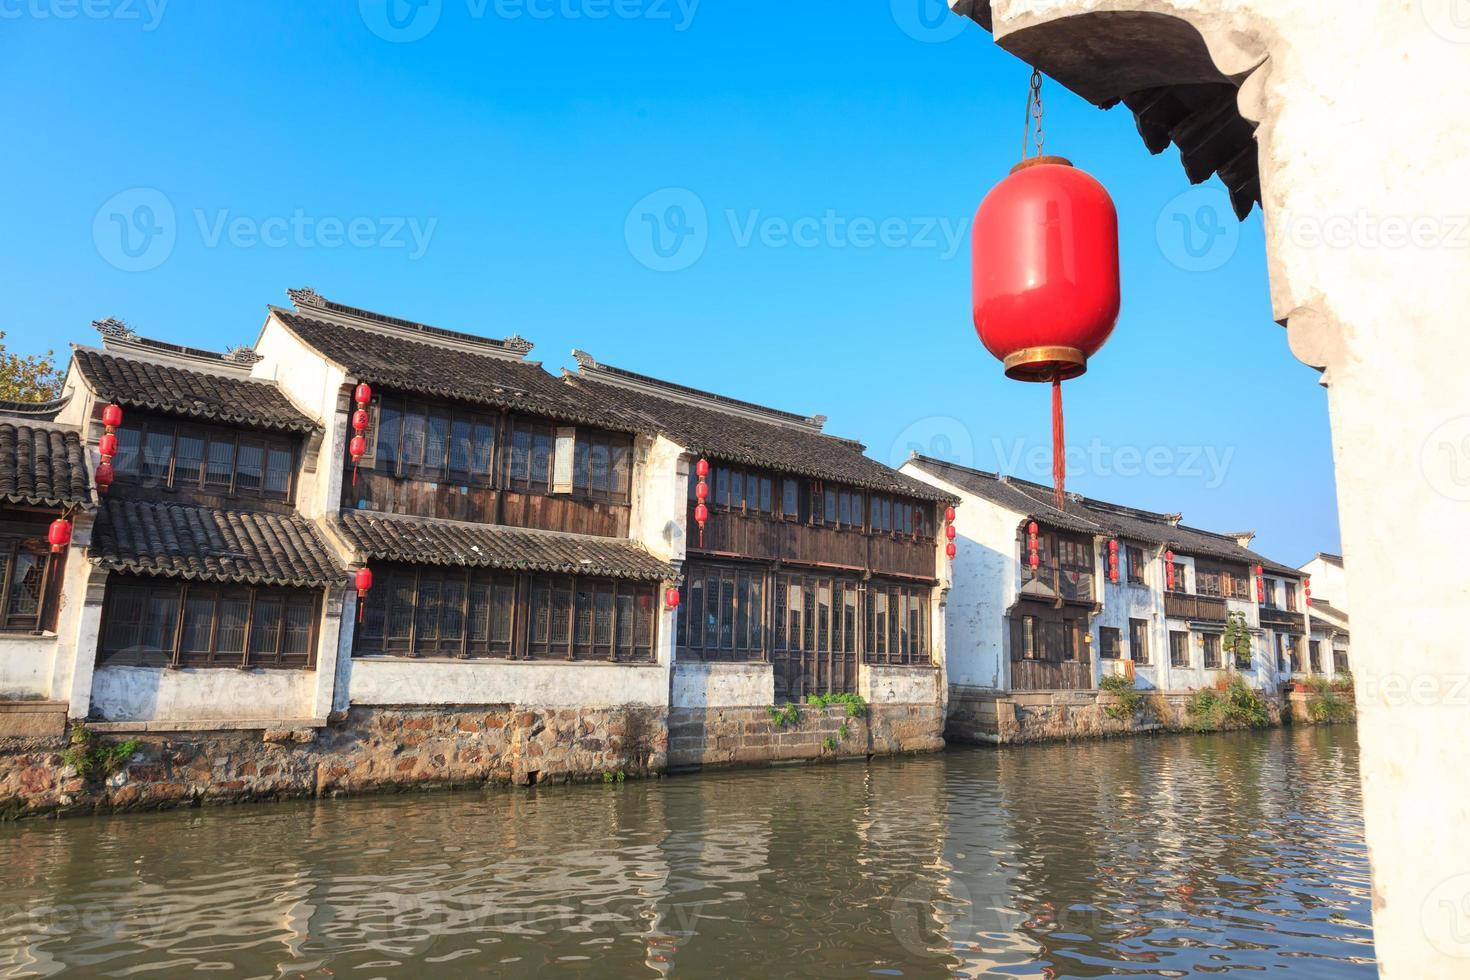 cidade tradicional chinesa velha pelo grande canal, suzhou, china foto